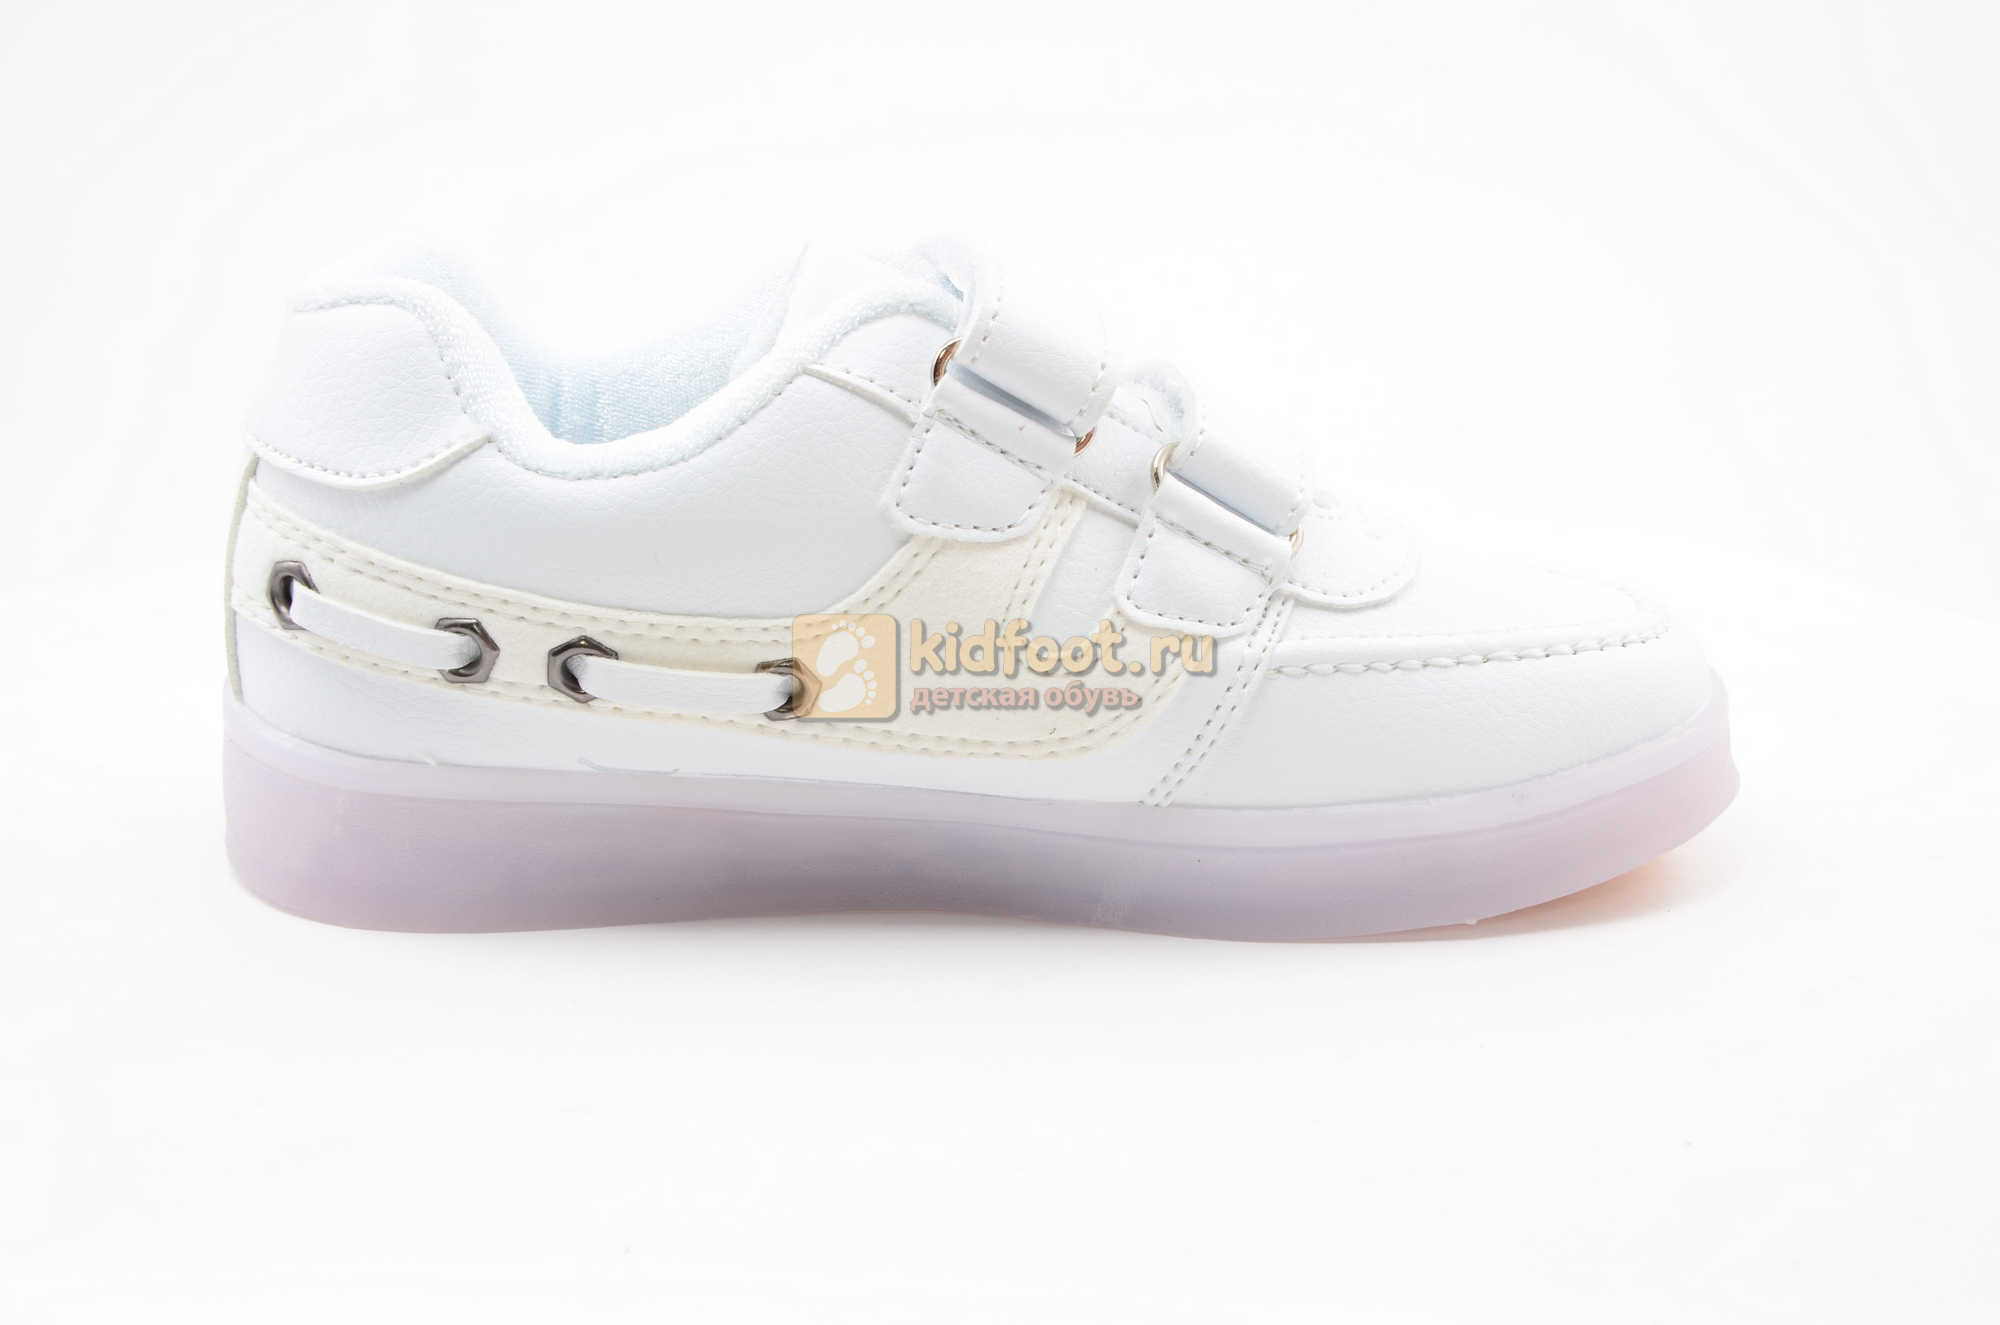 Светящиеся кроссовки с USB зарядкой Бебексия (BEIBEIXIA) для девочек цвет белый